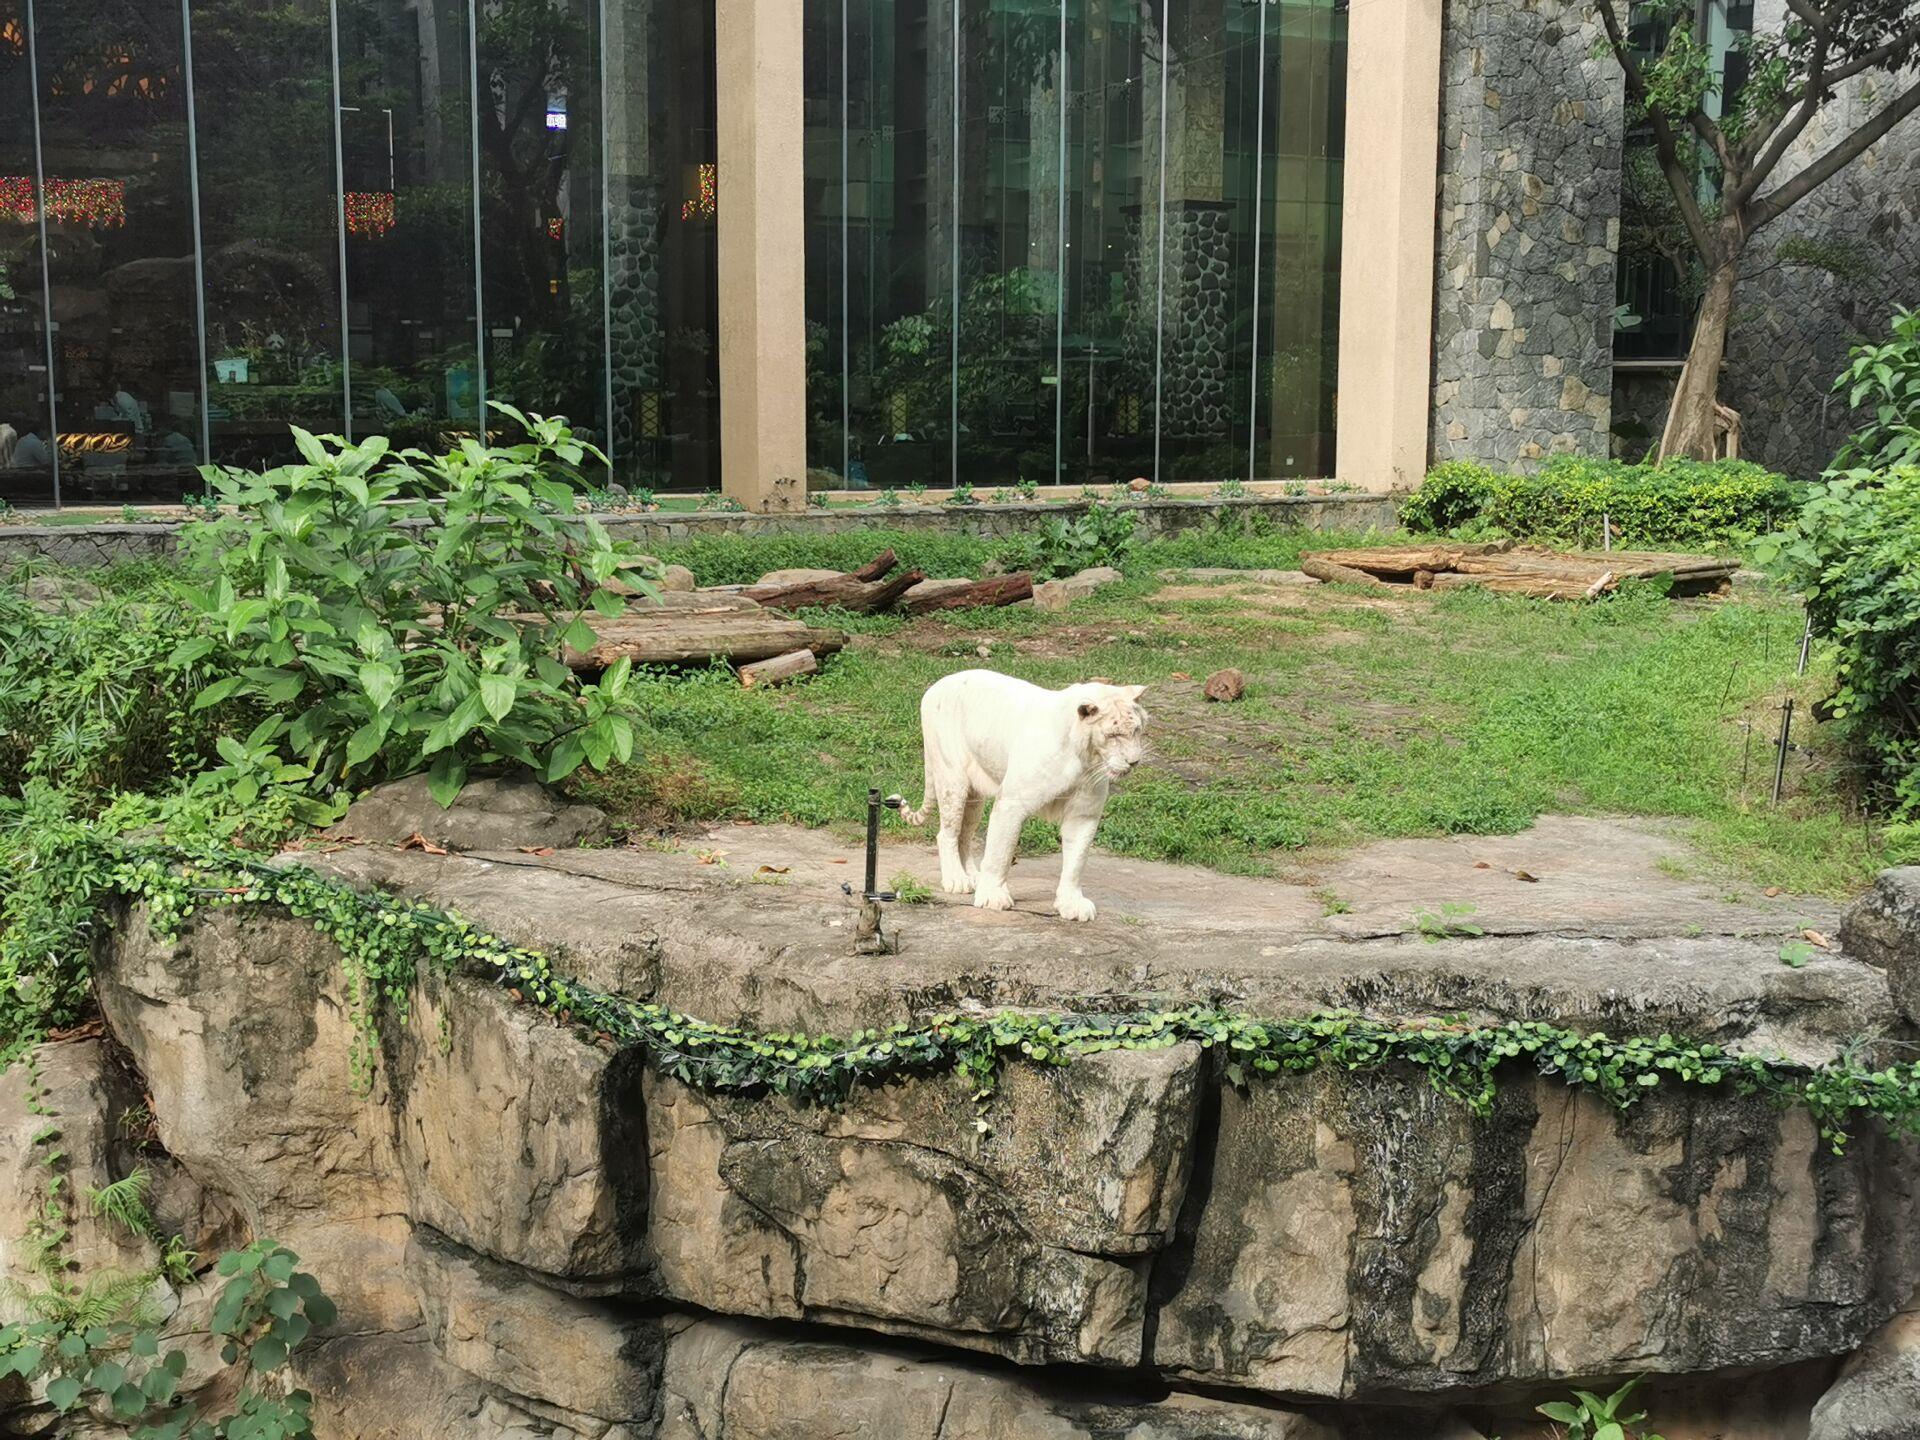 广州某宾馆的老虎19.jpg